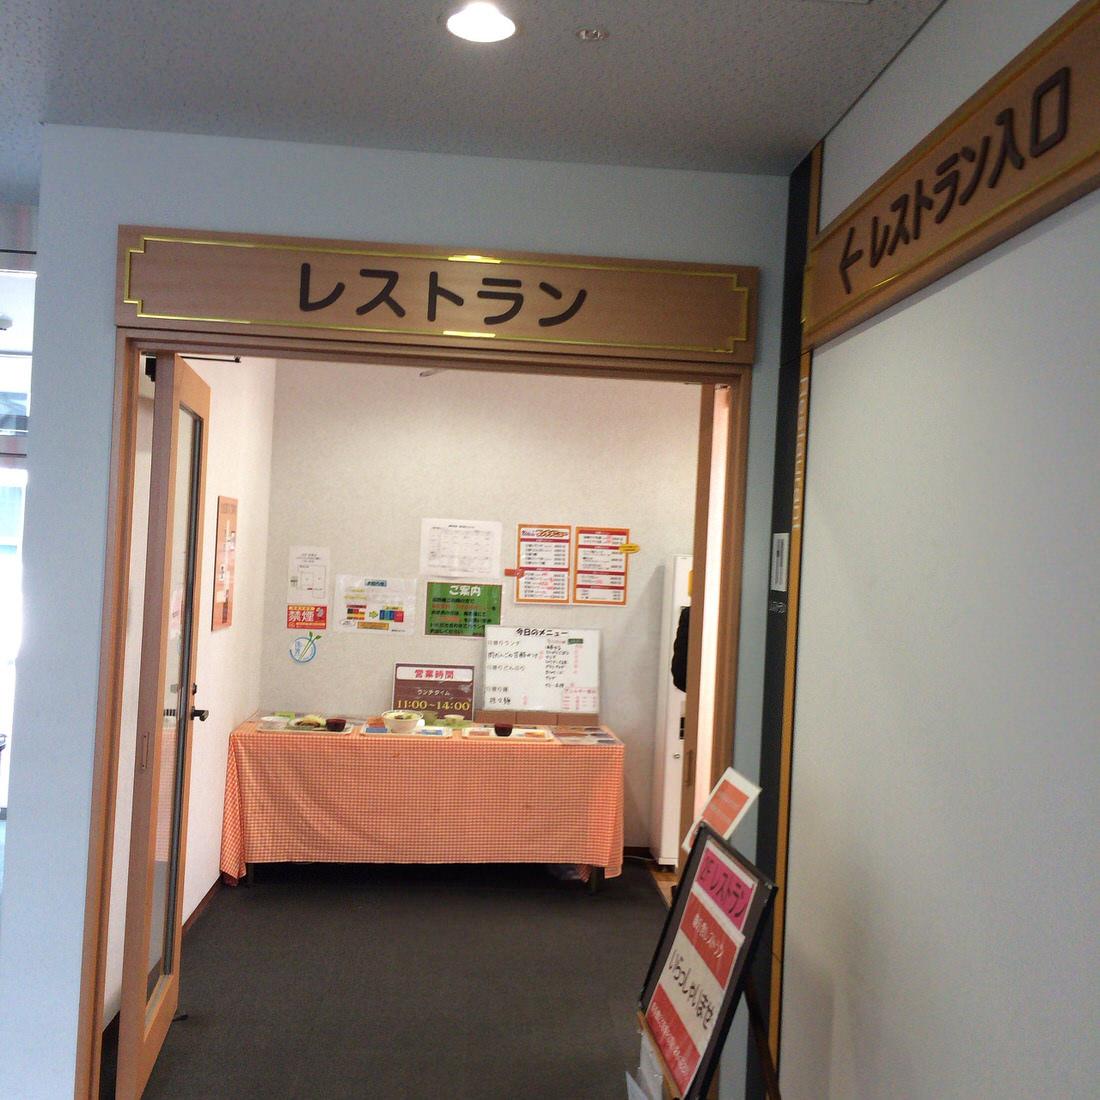 岡崎市役所東庁舎のレストランでランチを頂きました